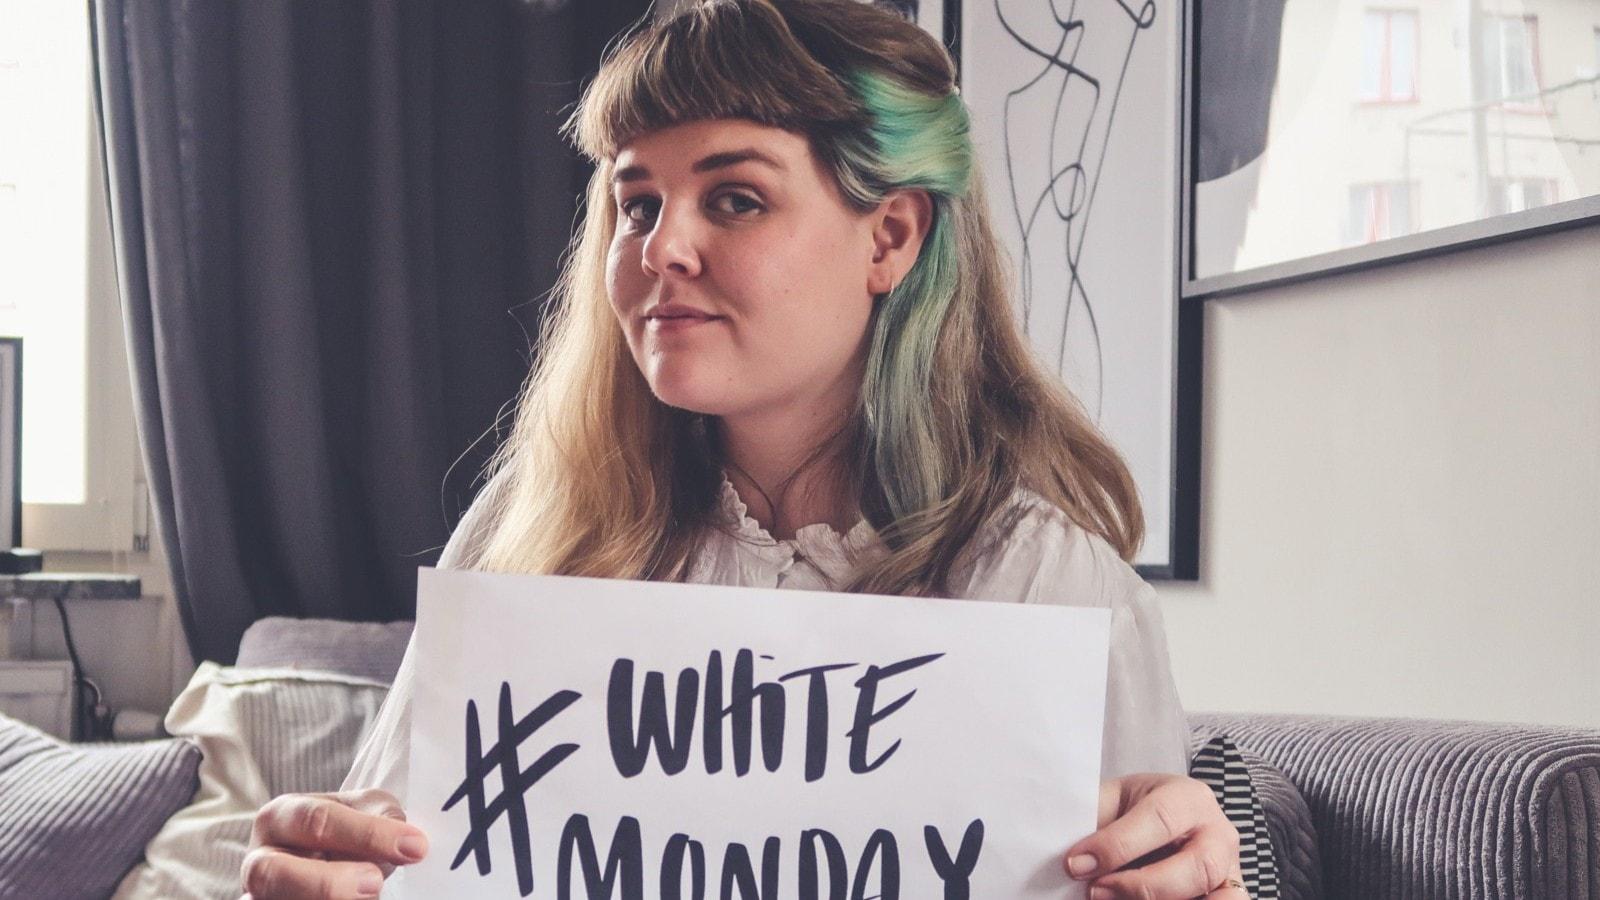 vit kvinna dating pålitliga dejtingsajter Irland